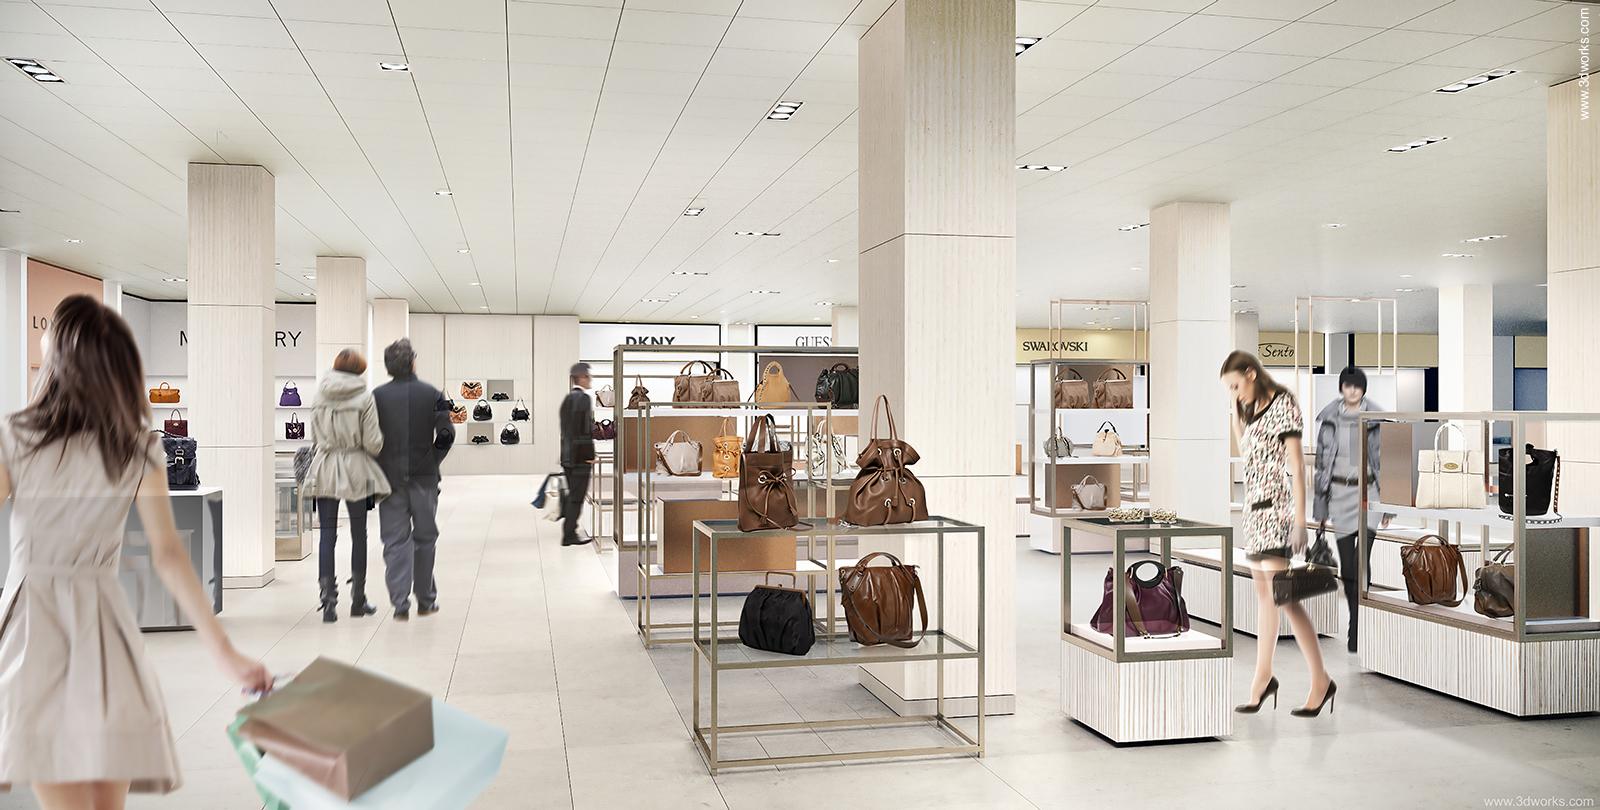 Architekturvisualisierung Retail, Innenraumperspektive für Michelgroup